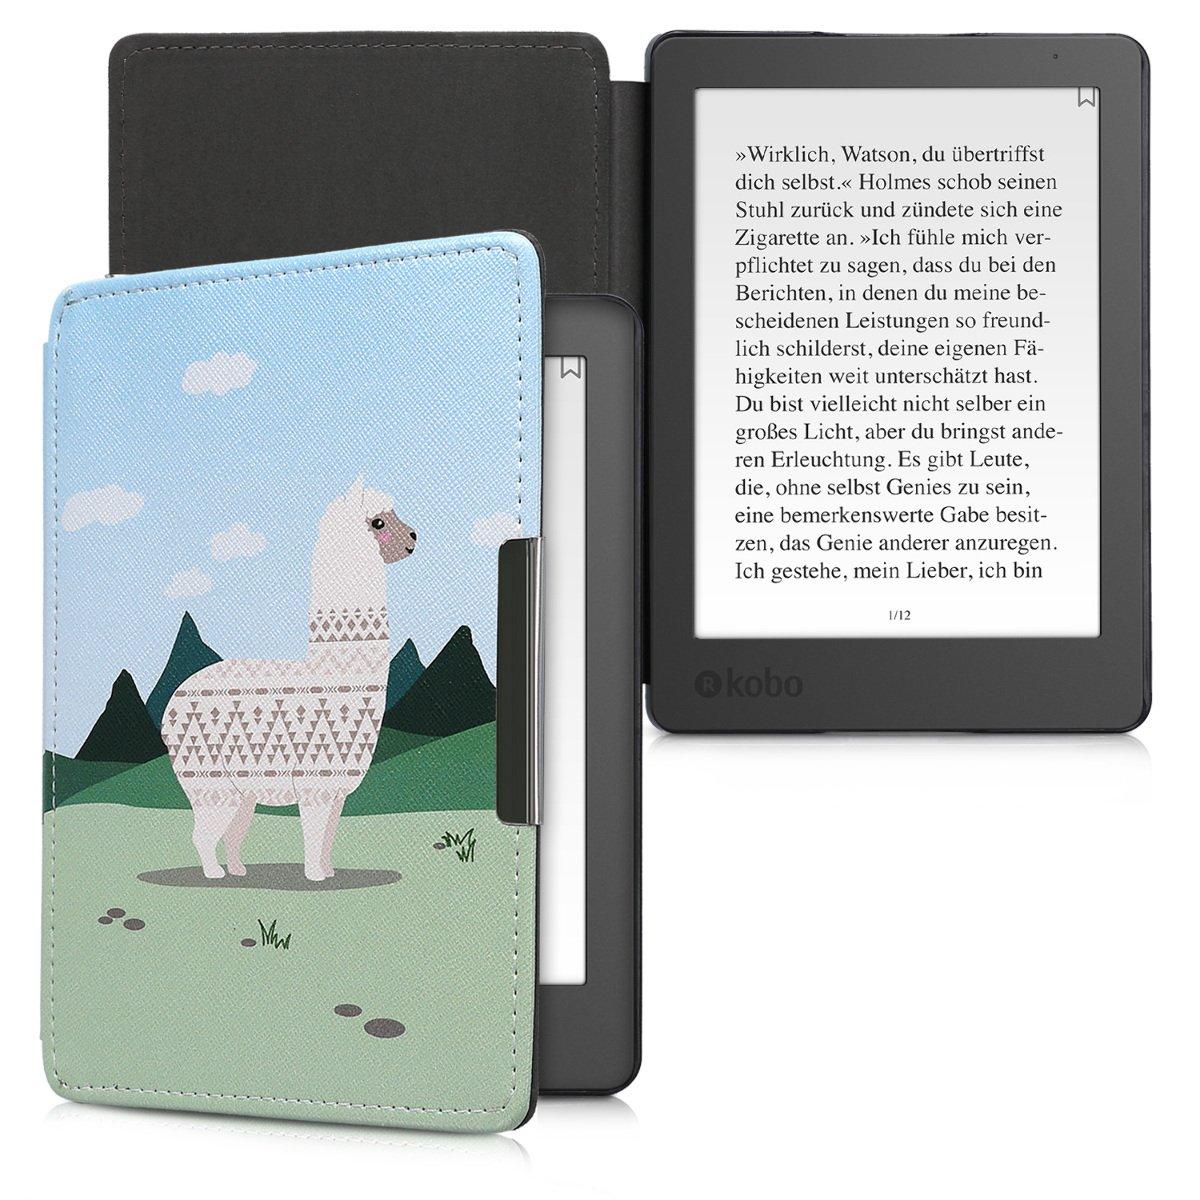 Carcasa para e-Reader de Cuero sint/ético kwmobile Funda para Kobo Aura Edition 2 Case con dise/ño con Copos de Nieve